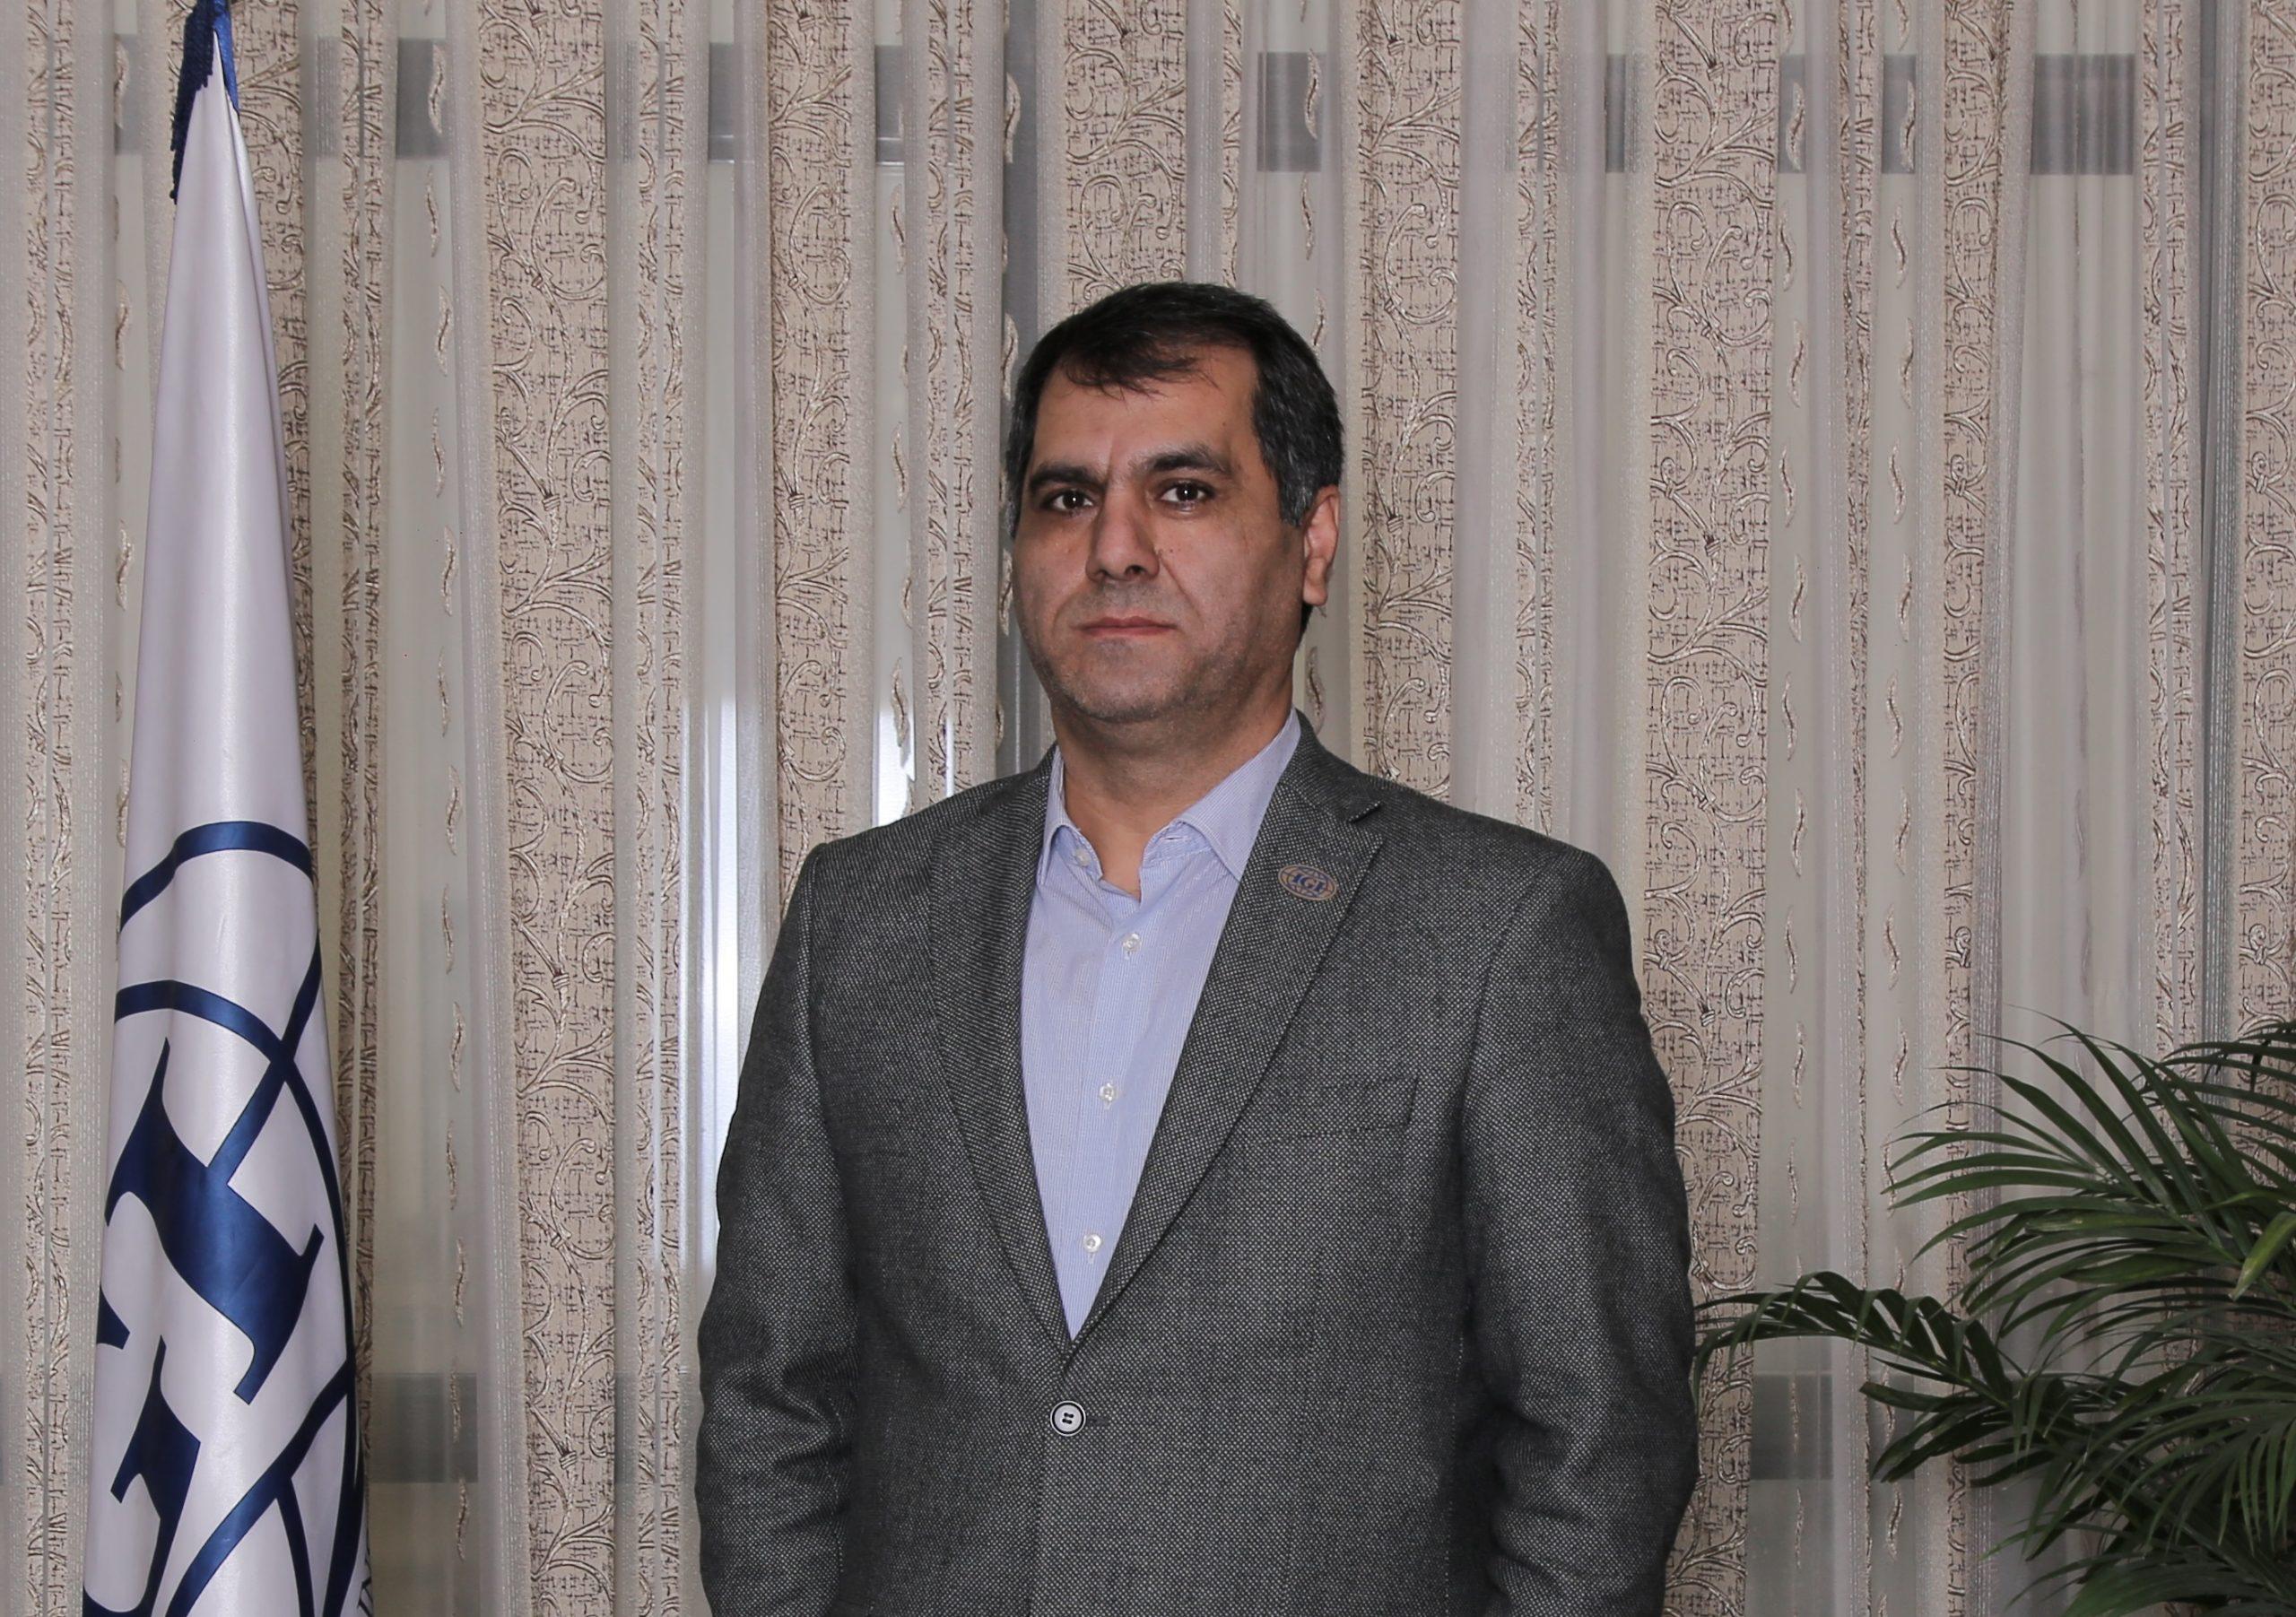 پیام تبریک مدیرعامل شرکت IGI بهمناسبت روز عرفه و عید قربان